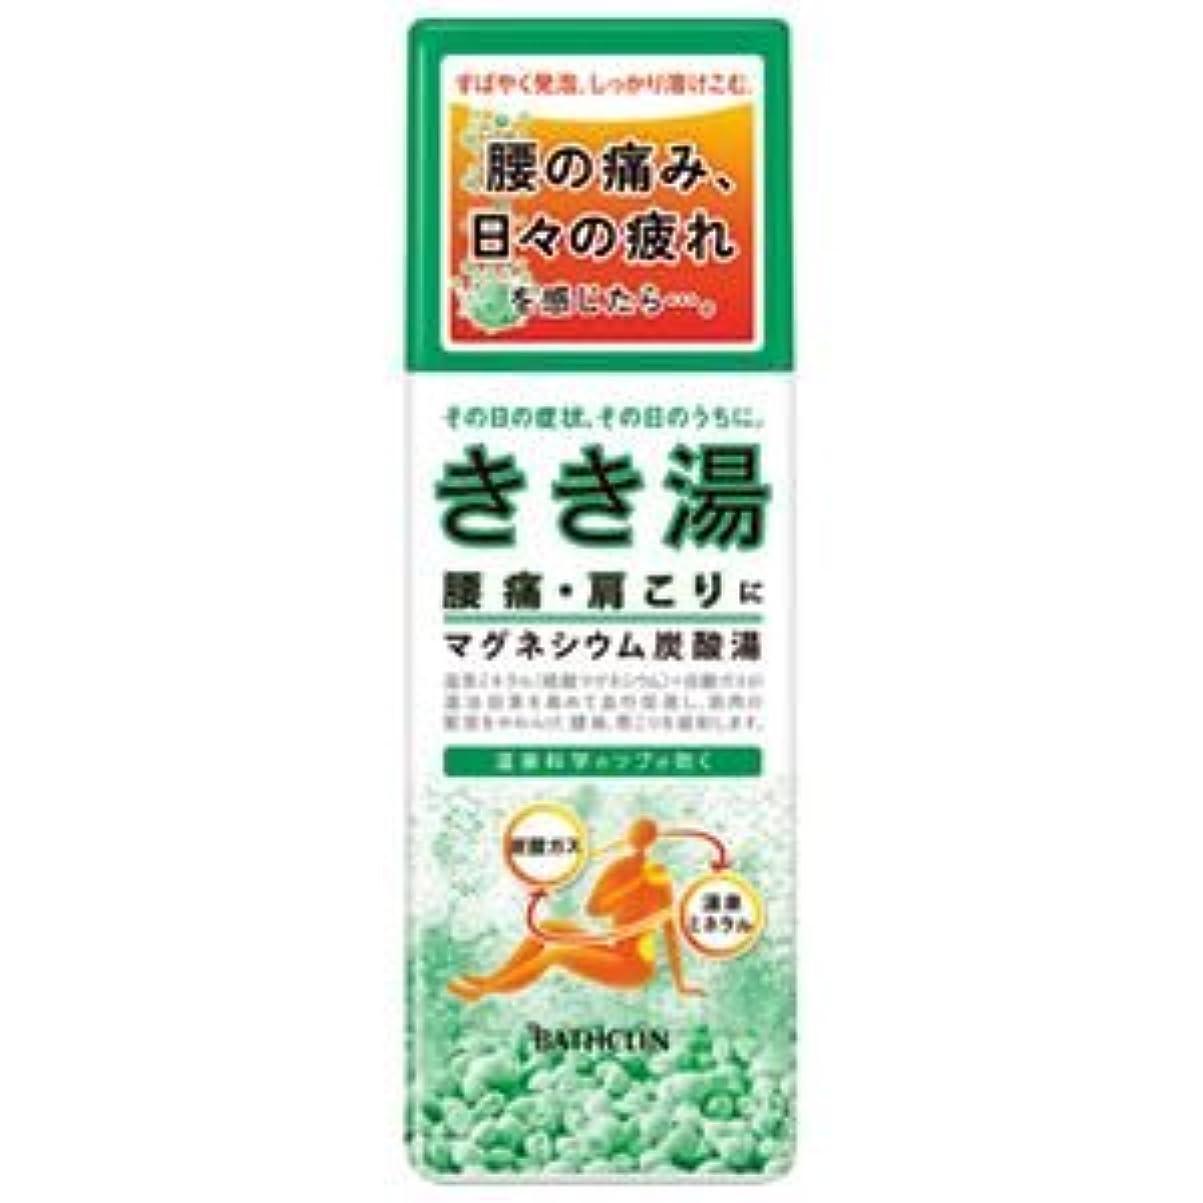 命令的着飾る革命(業務用10セット) バスクリン きき湯 マグネシウム炭酸湯 360g